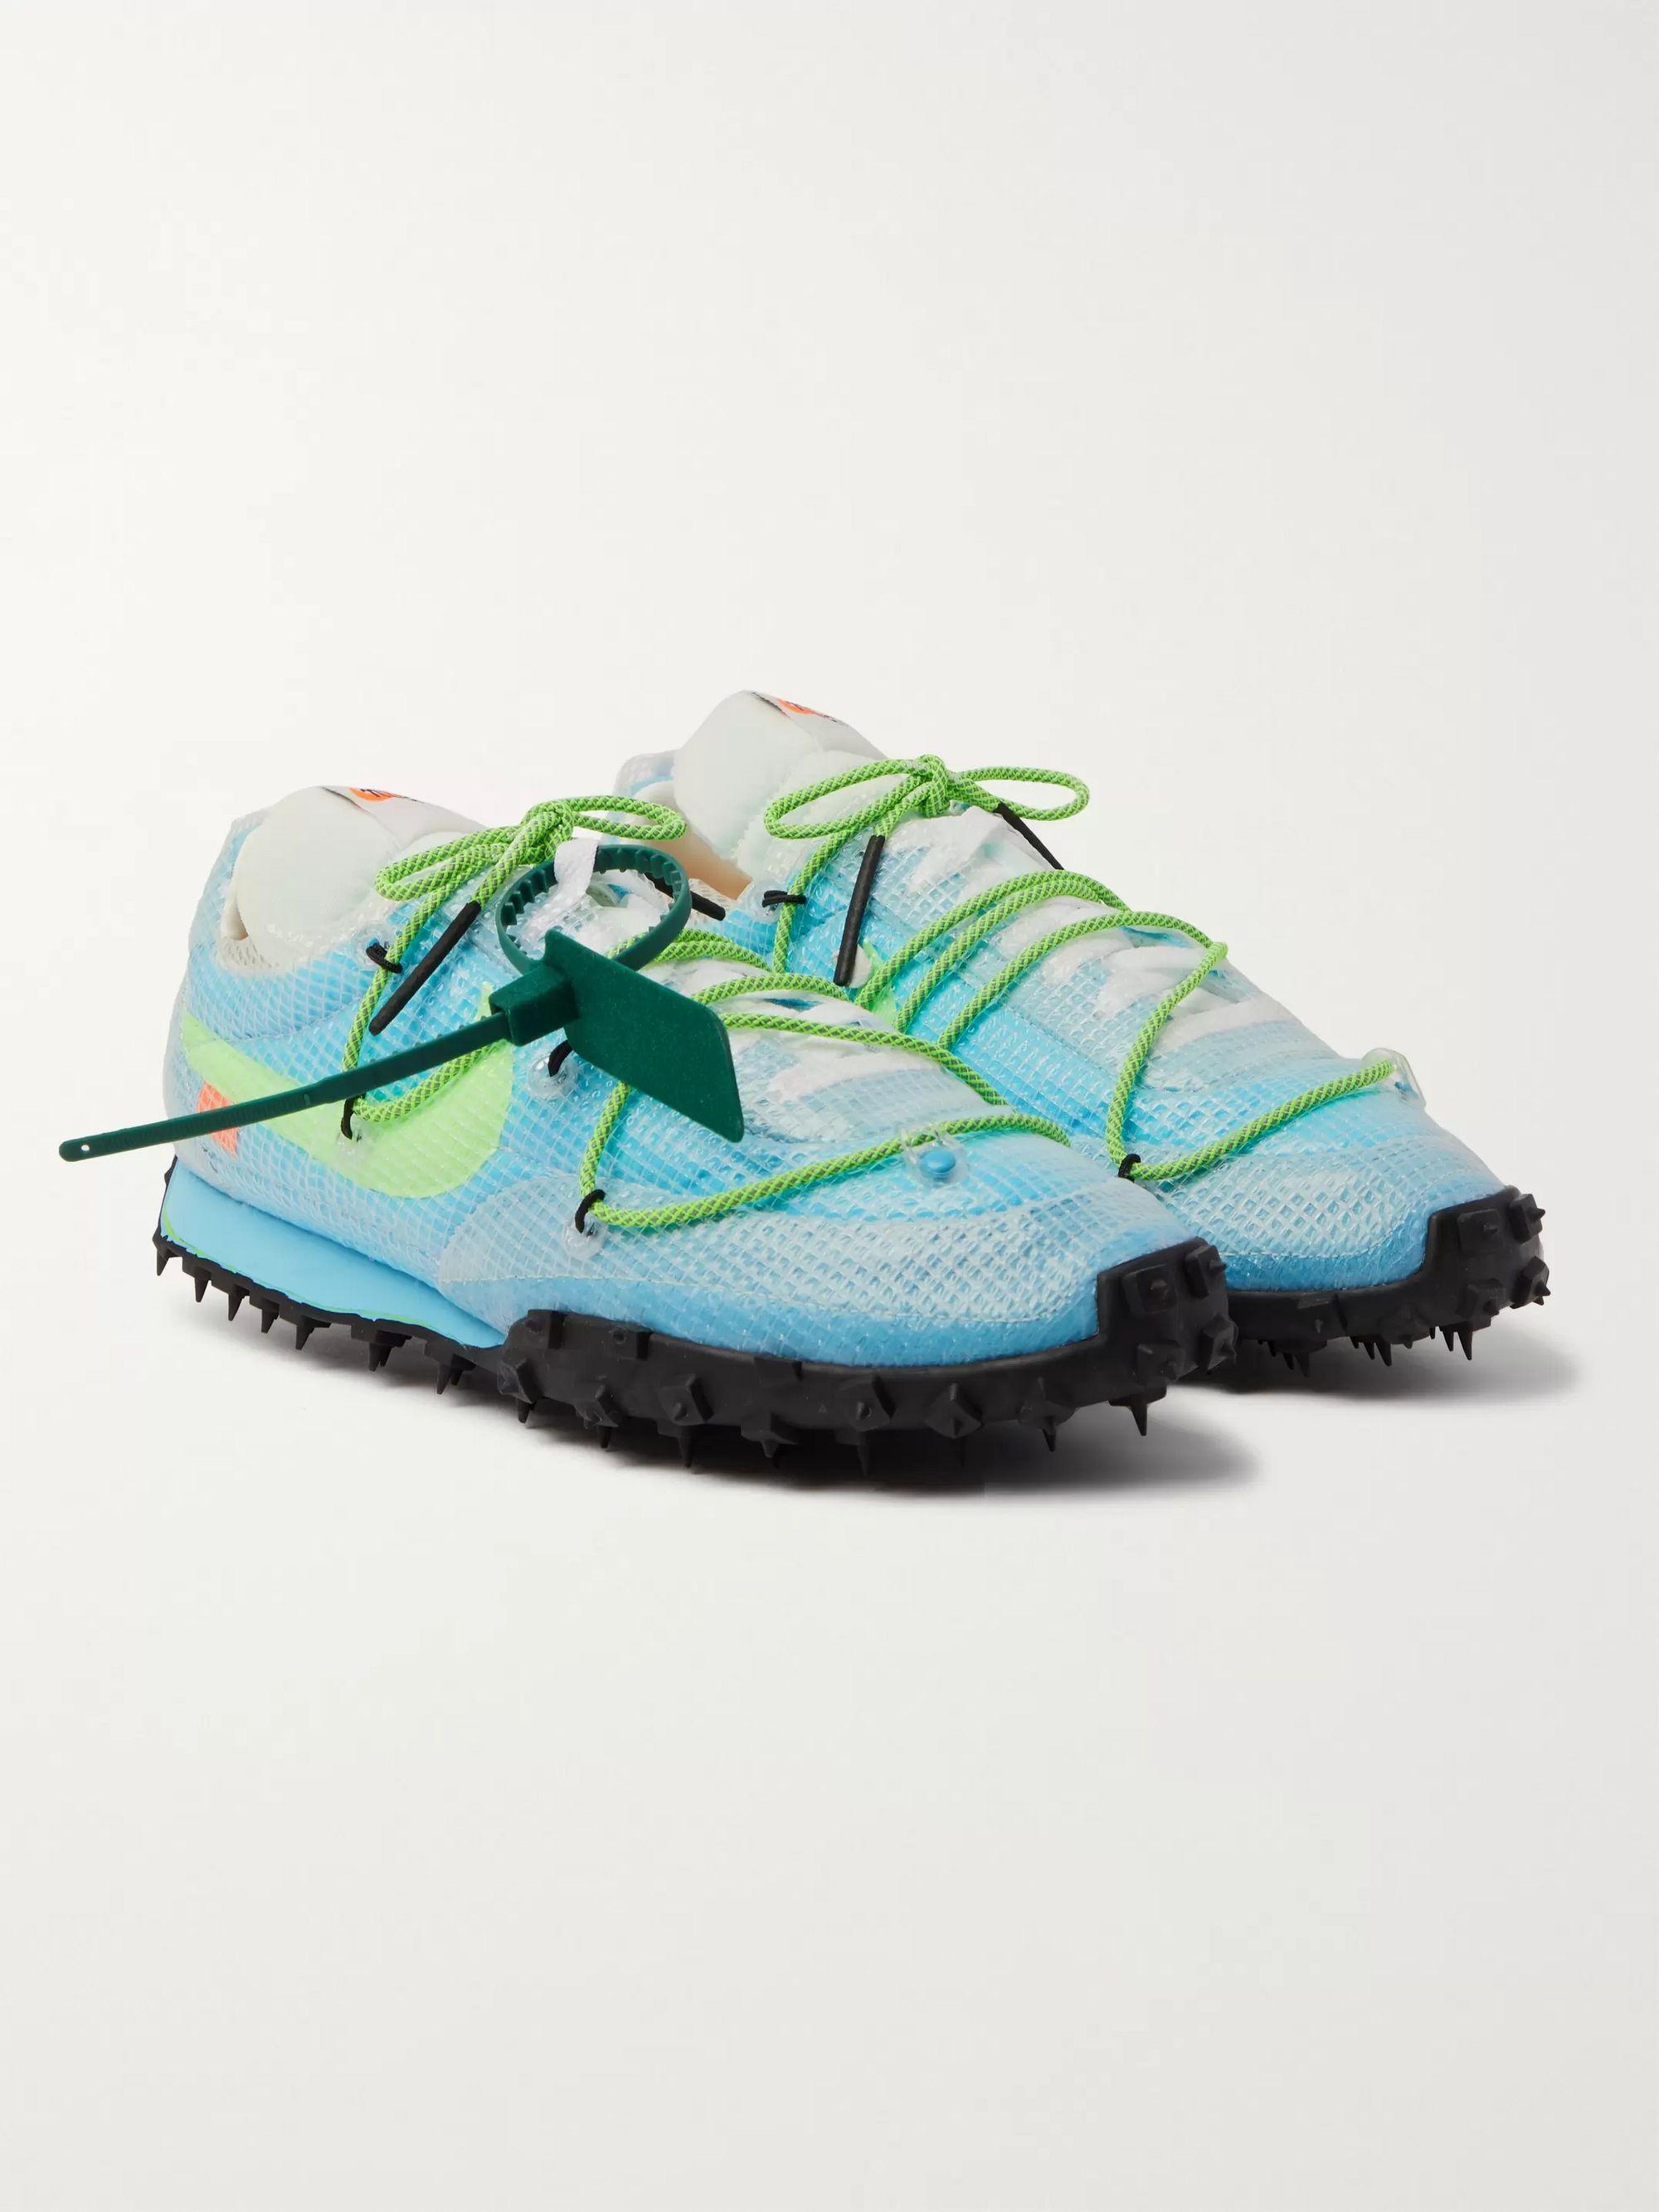 Mens Nike Free Trainer 5.0 Nylon Mesh Athletic Shoes